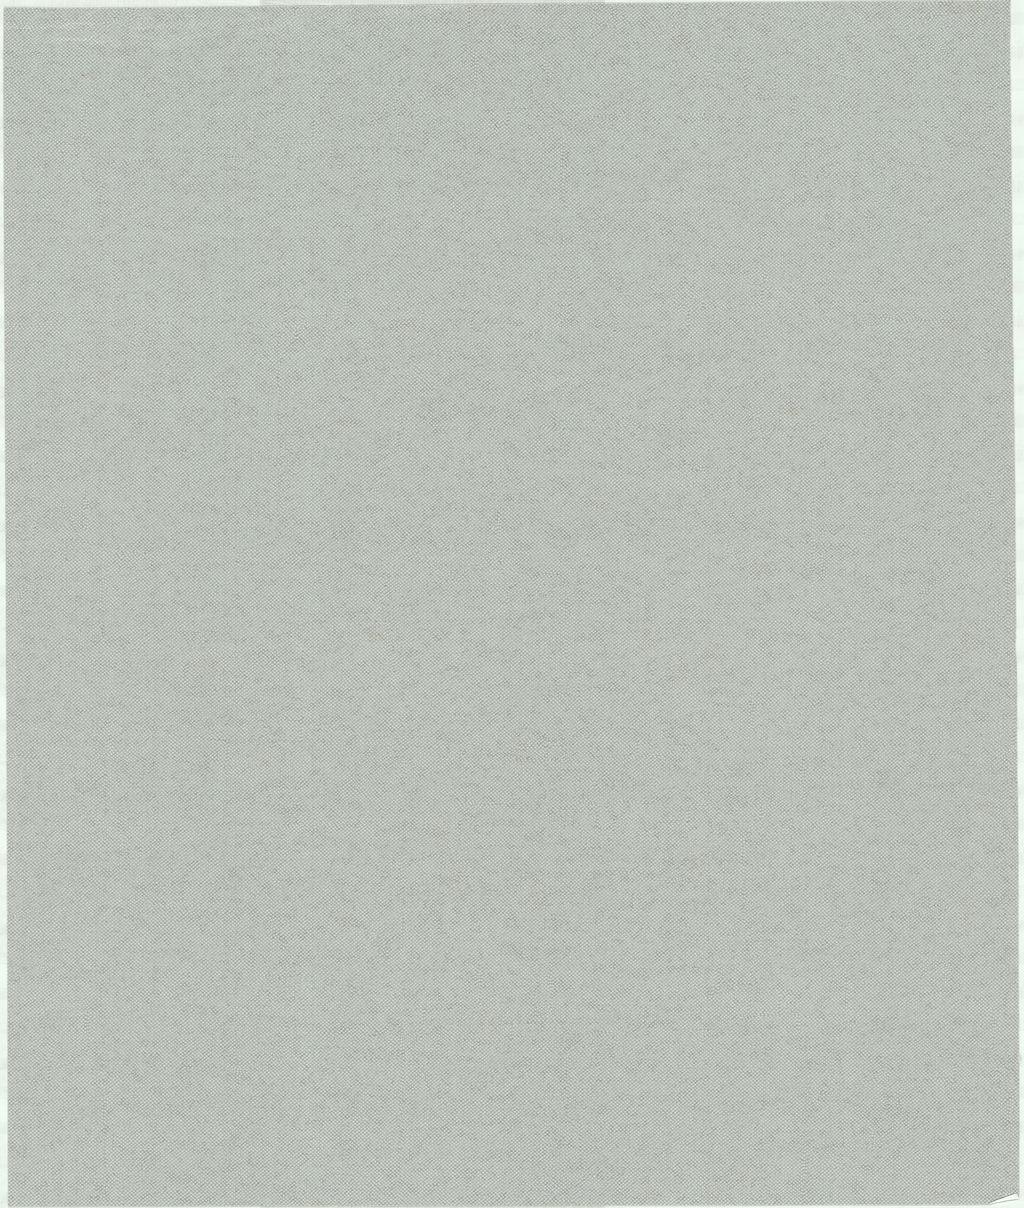 Итальянские обои Estro,  коллекция Elegance, артикулB1120304